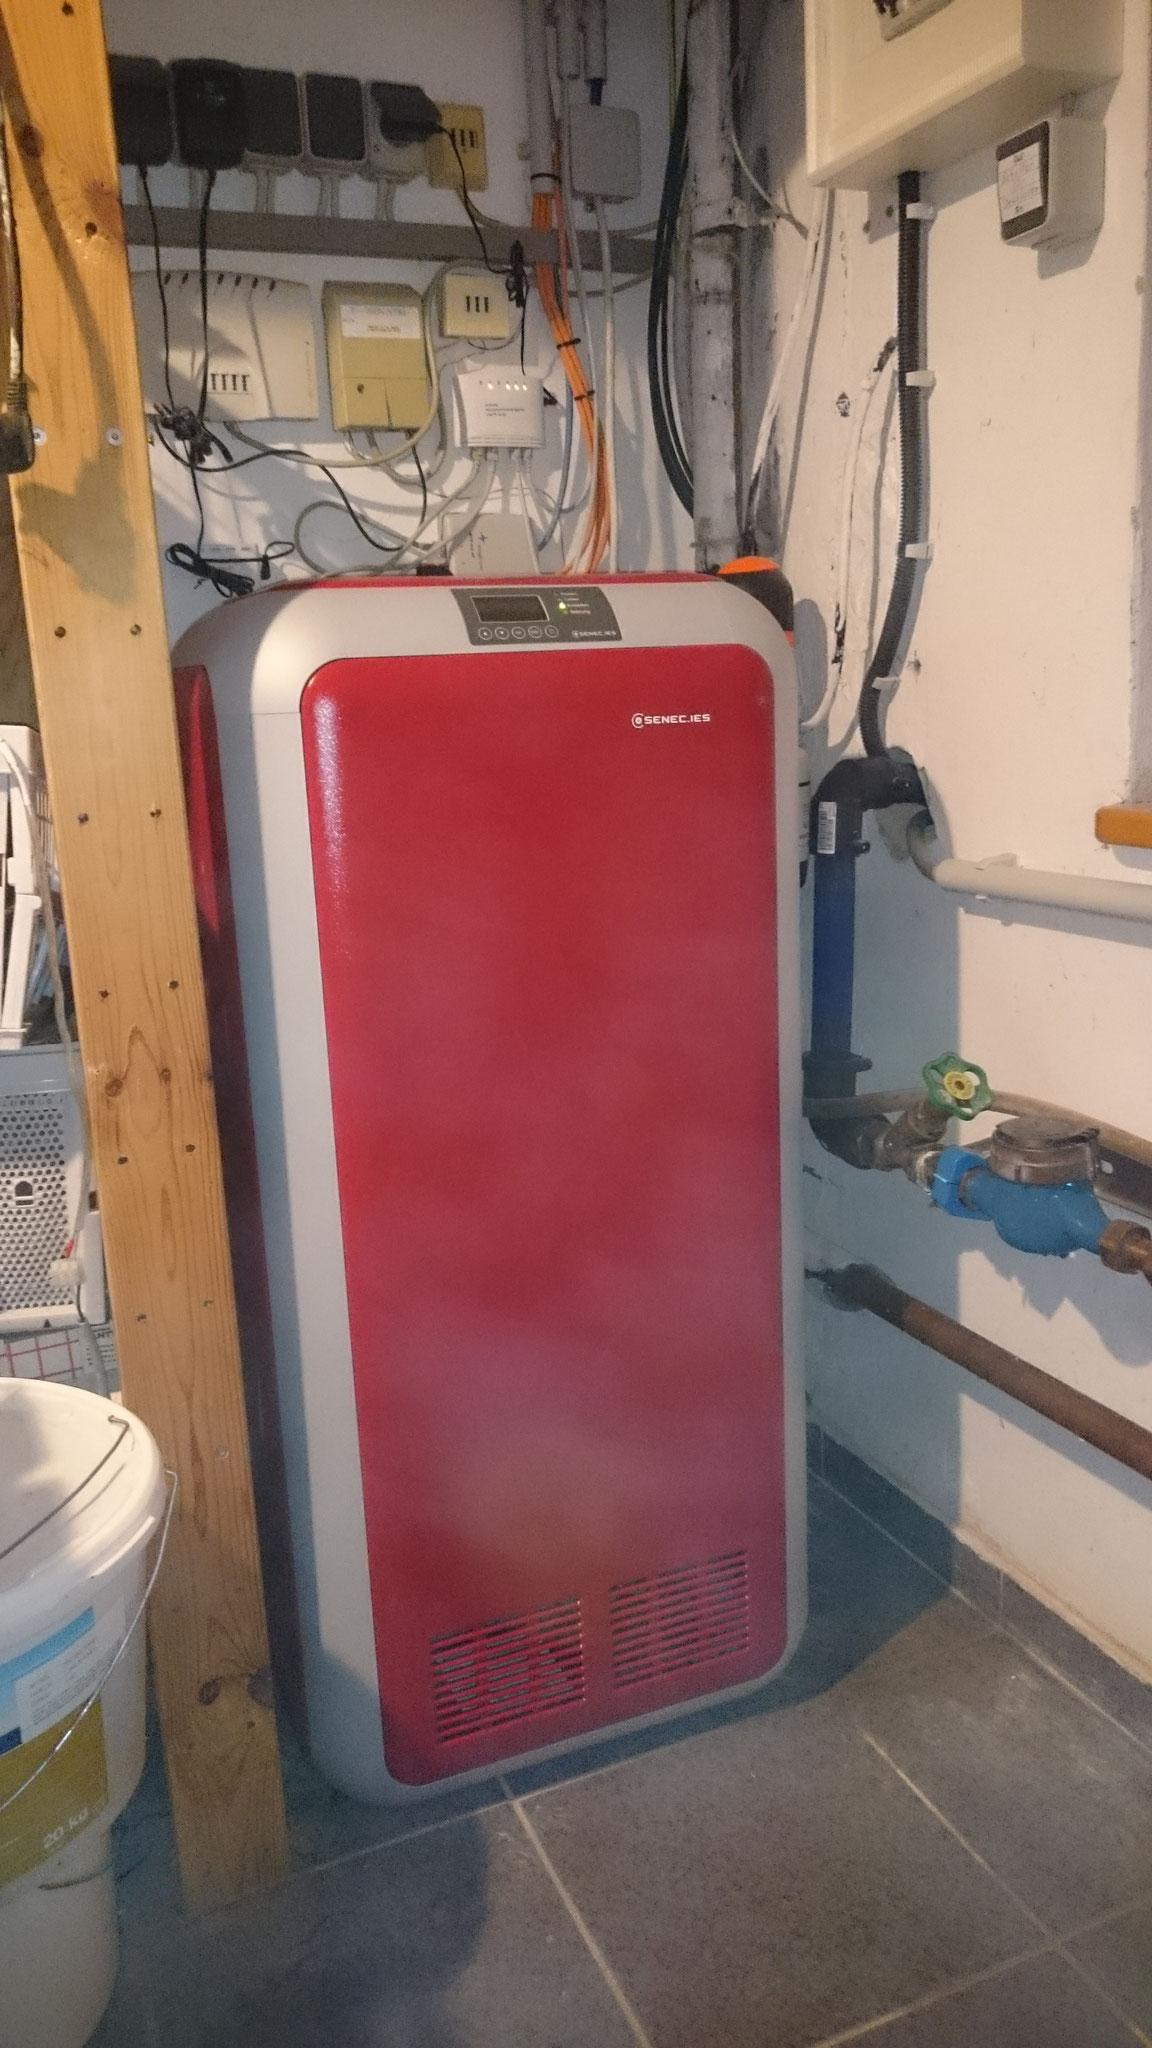 10 kWh Li Senec Speicher inkl. Senec.Cloud in Kombination mit: Sunpower PV-Anlage und einem Viessmann BHKW in Berlin Rudow